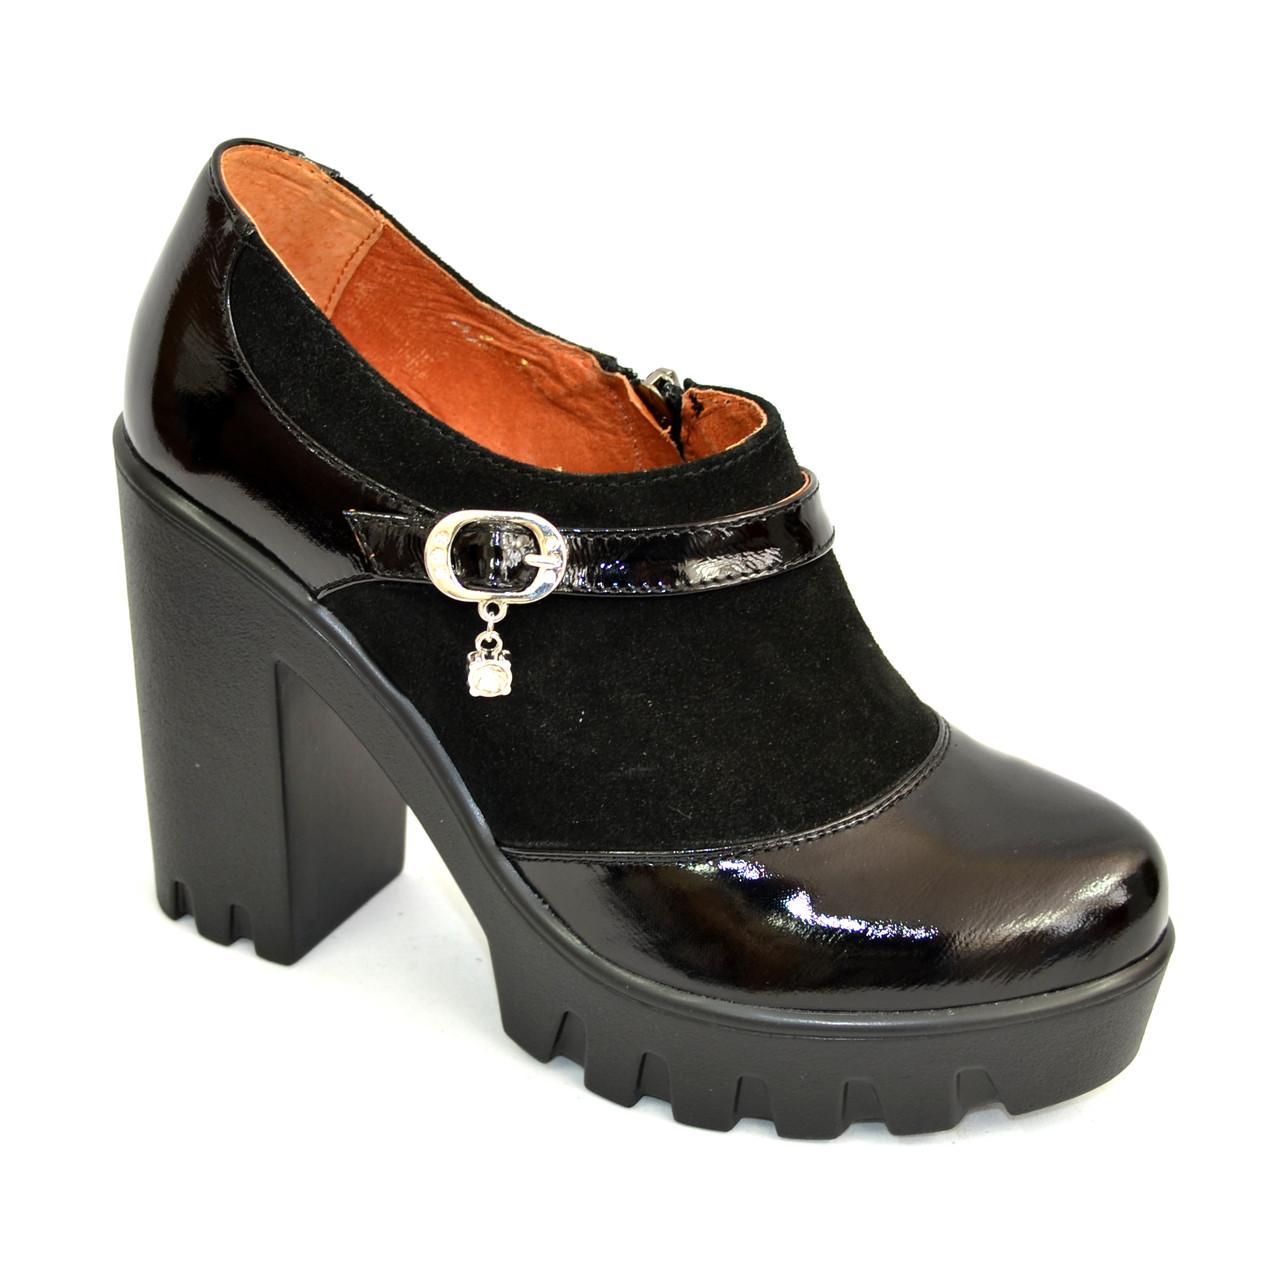 Женские туфли на тракторной подошве, натуральная лаковая кожа и замша.